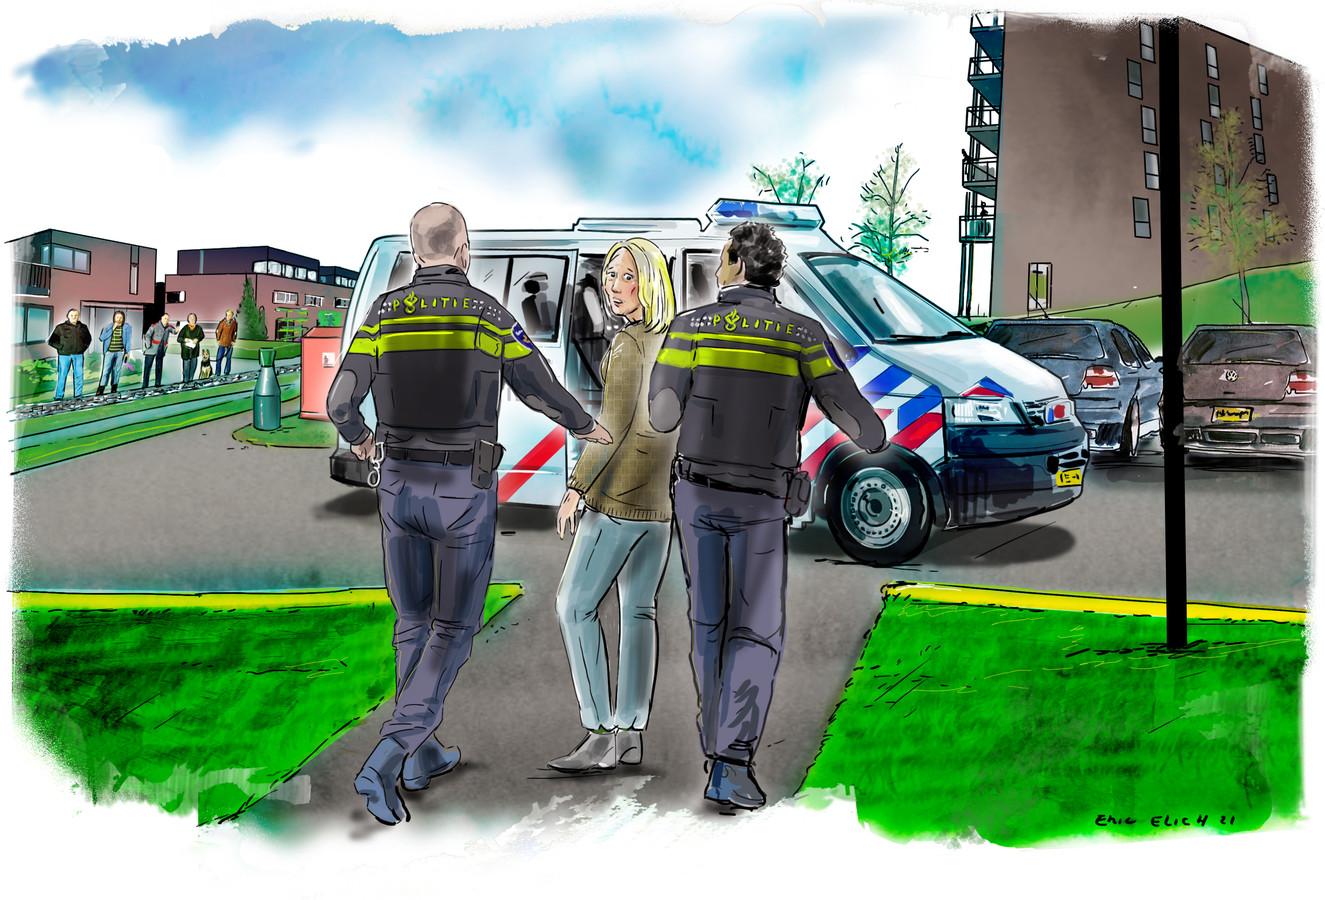 BAVEL - Een aanhouding door de politie kan iedereen overkomen. Als de hele buurt staat te kijken, slaat de schaamte toe. Ook als je onschuldig bent.